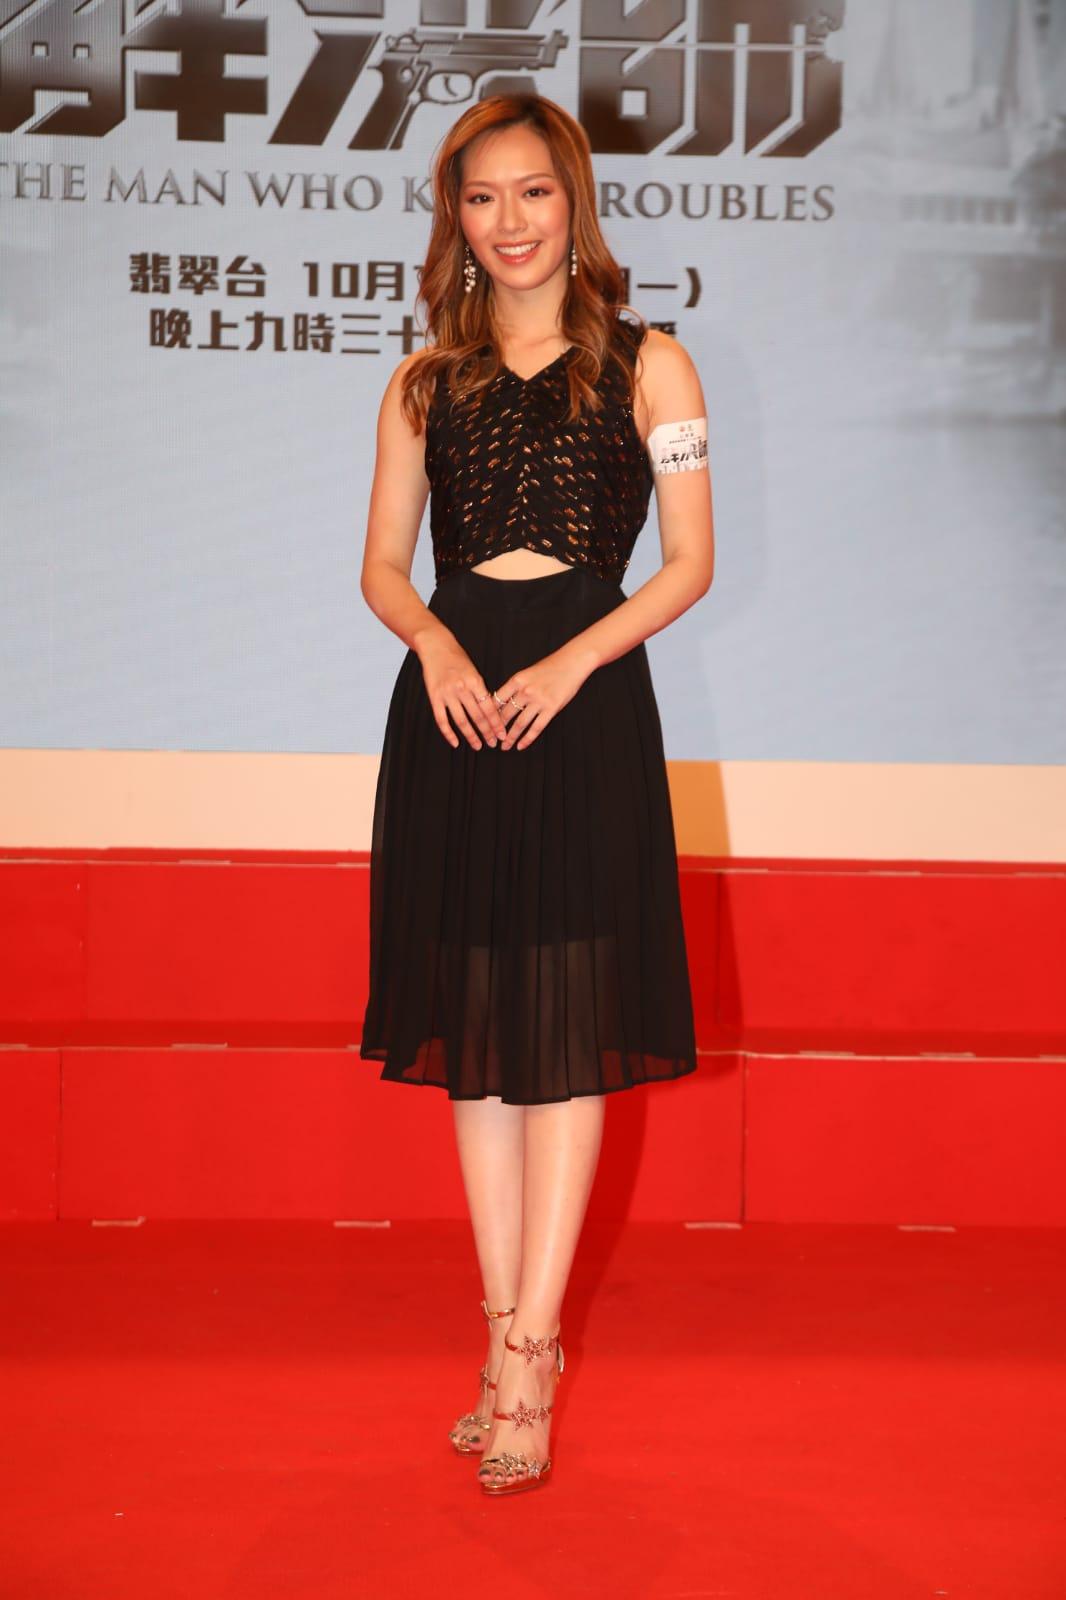 馮盈盈表示首次參與台慶劇心情興奮又有壓力。